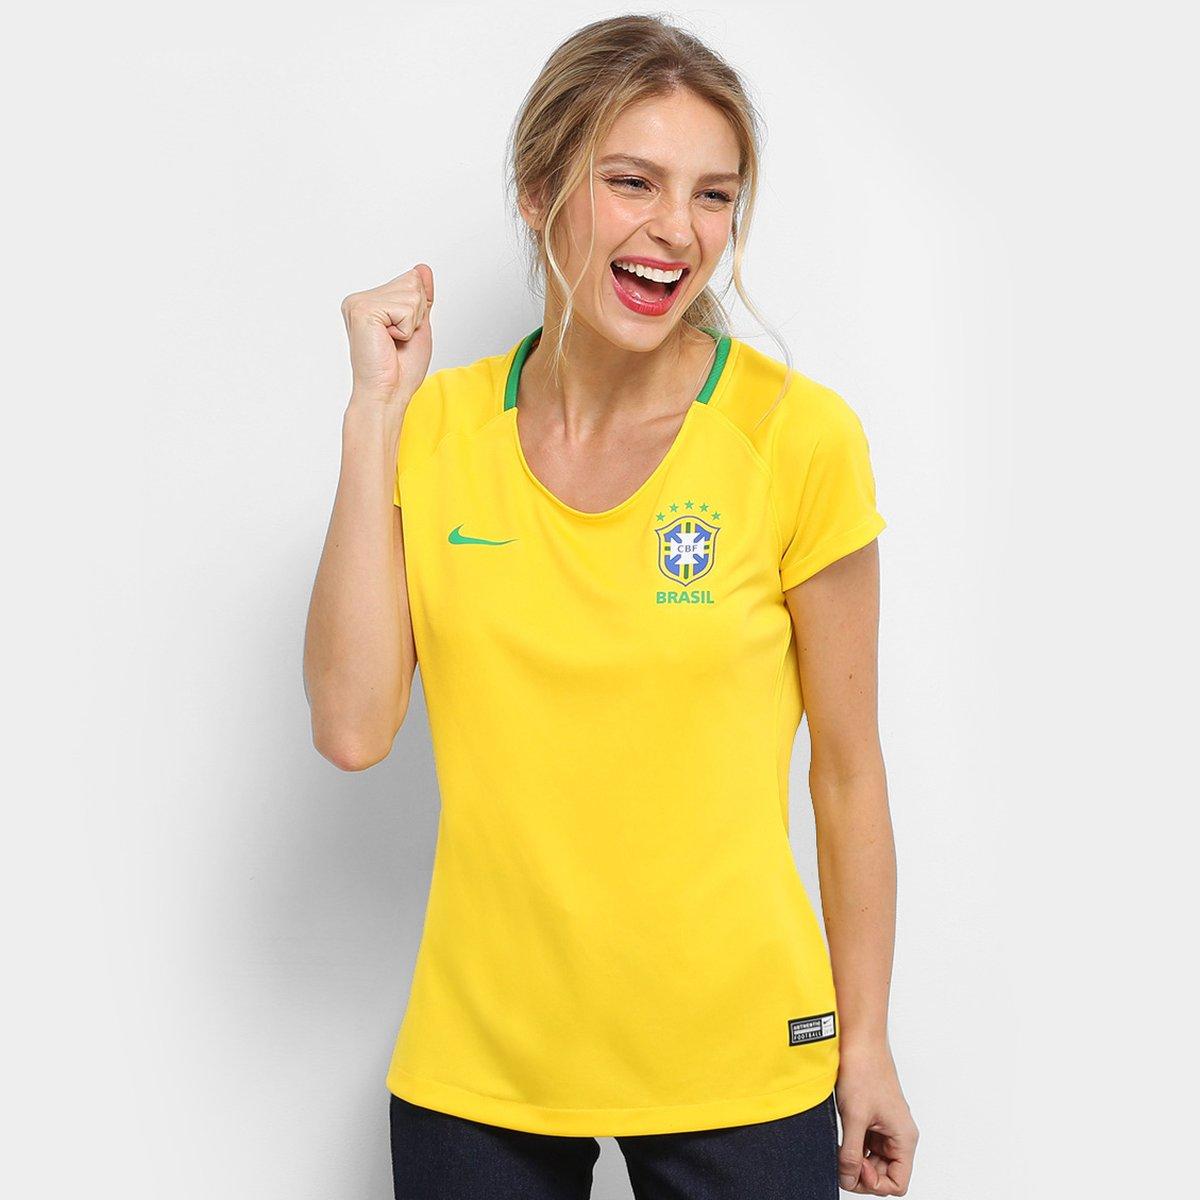 130123b7b Camisa Seleção Brasil I 2018 s n° - Torcedor Estádio Nike Feminina -  Amarelo e Verde em Promoção no Oferta Esperta